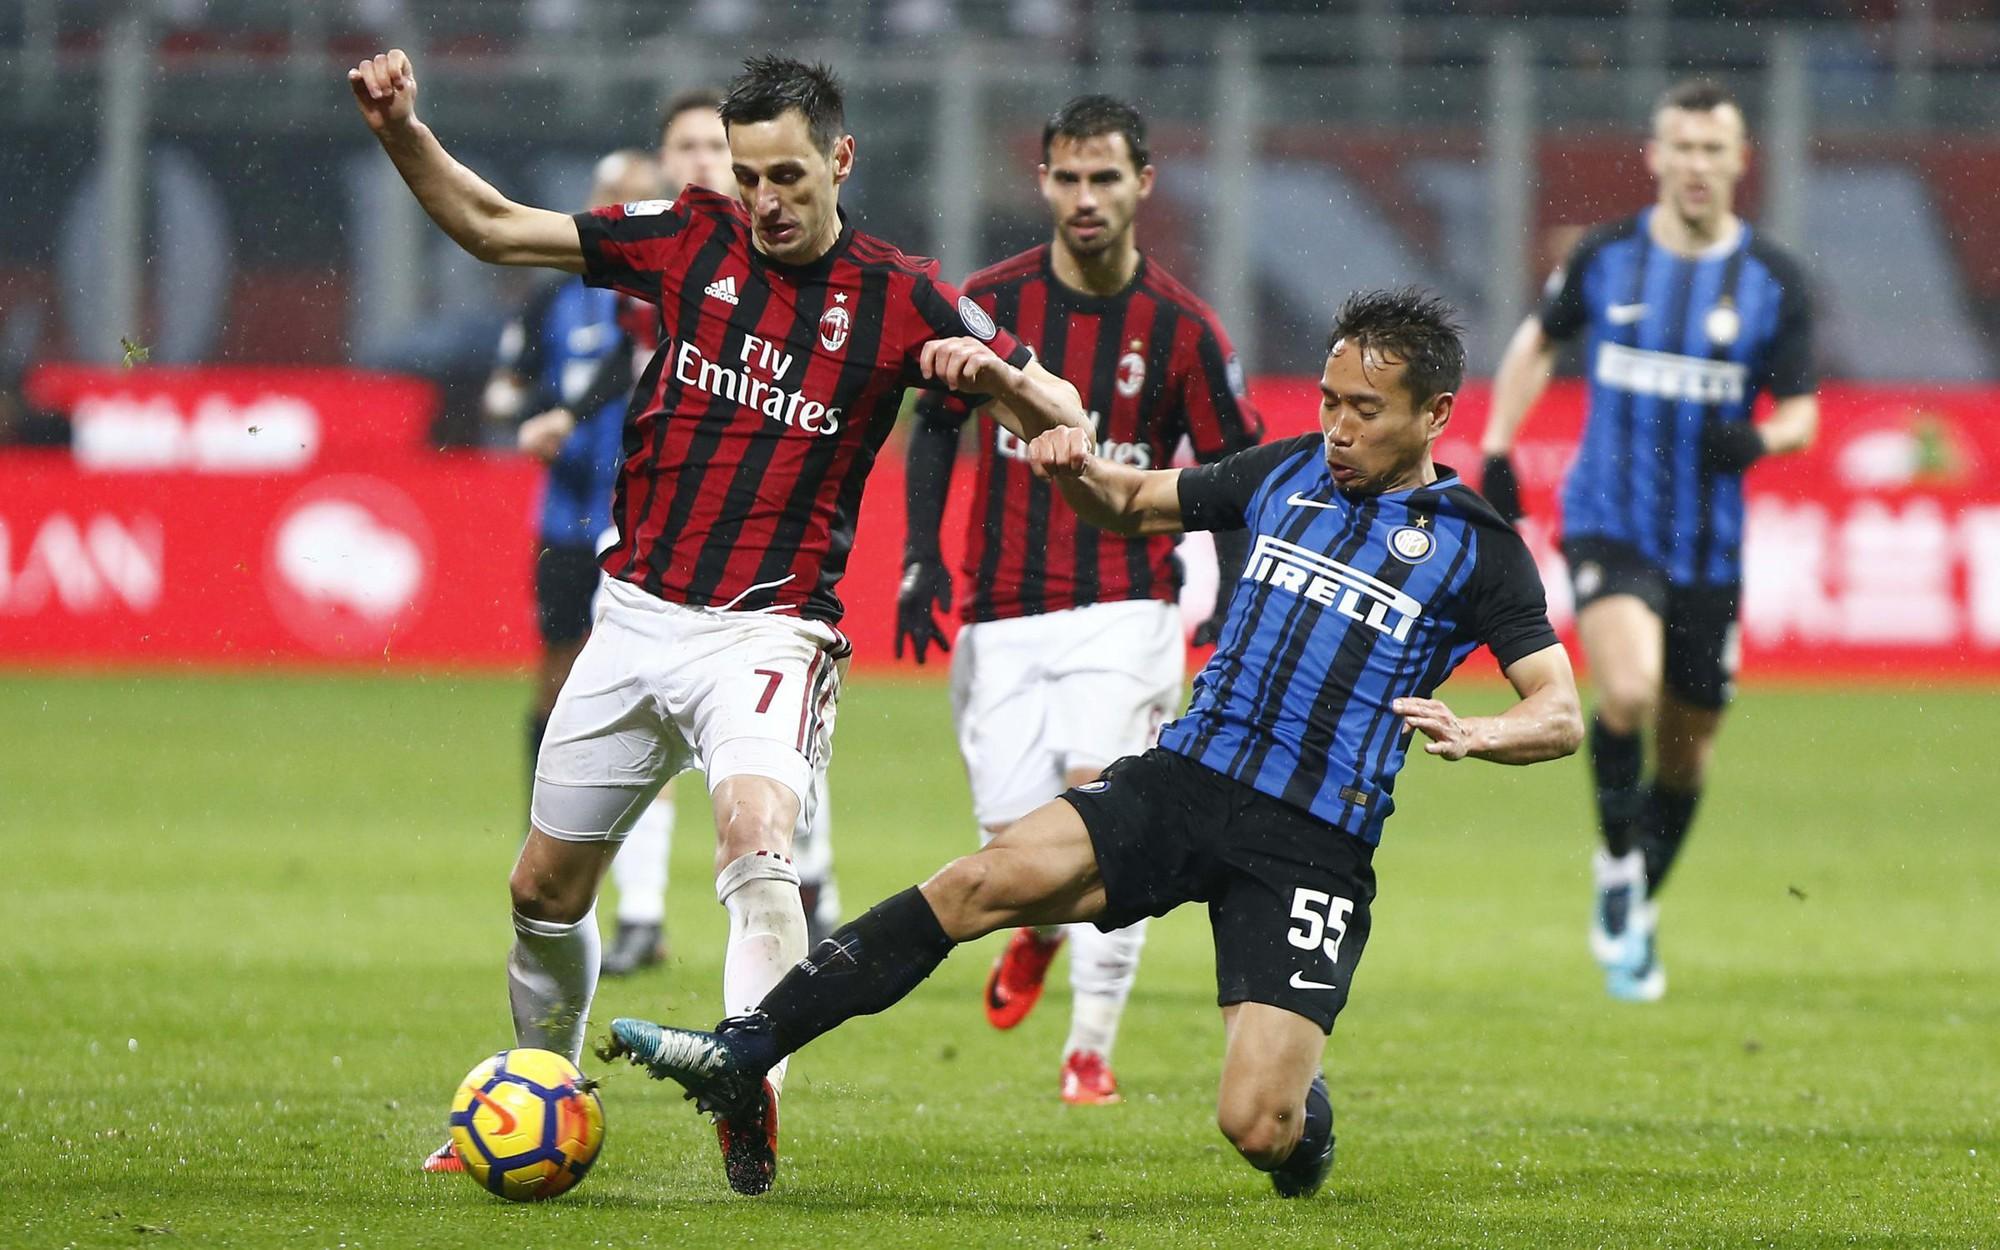 Hình ảnh: Milan và Inter tạo nhiều cơ hội nhưng không ghi được bàn thắng trong 90 phút